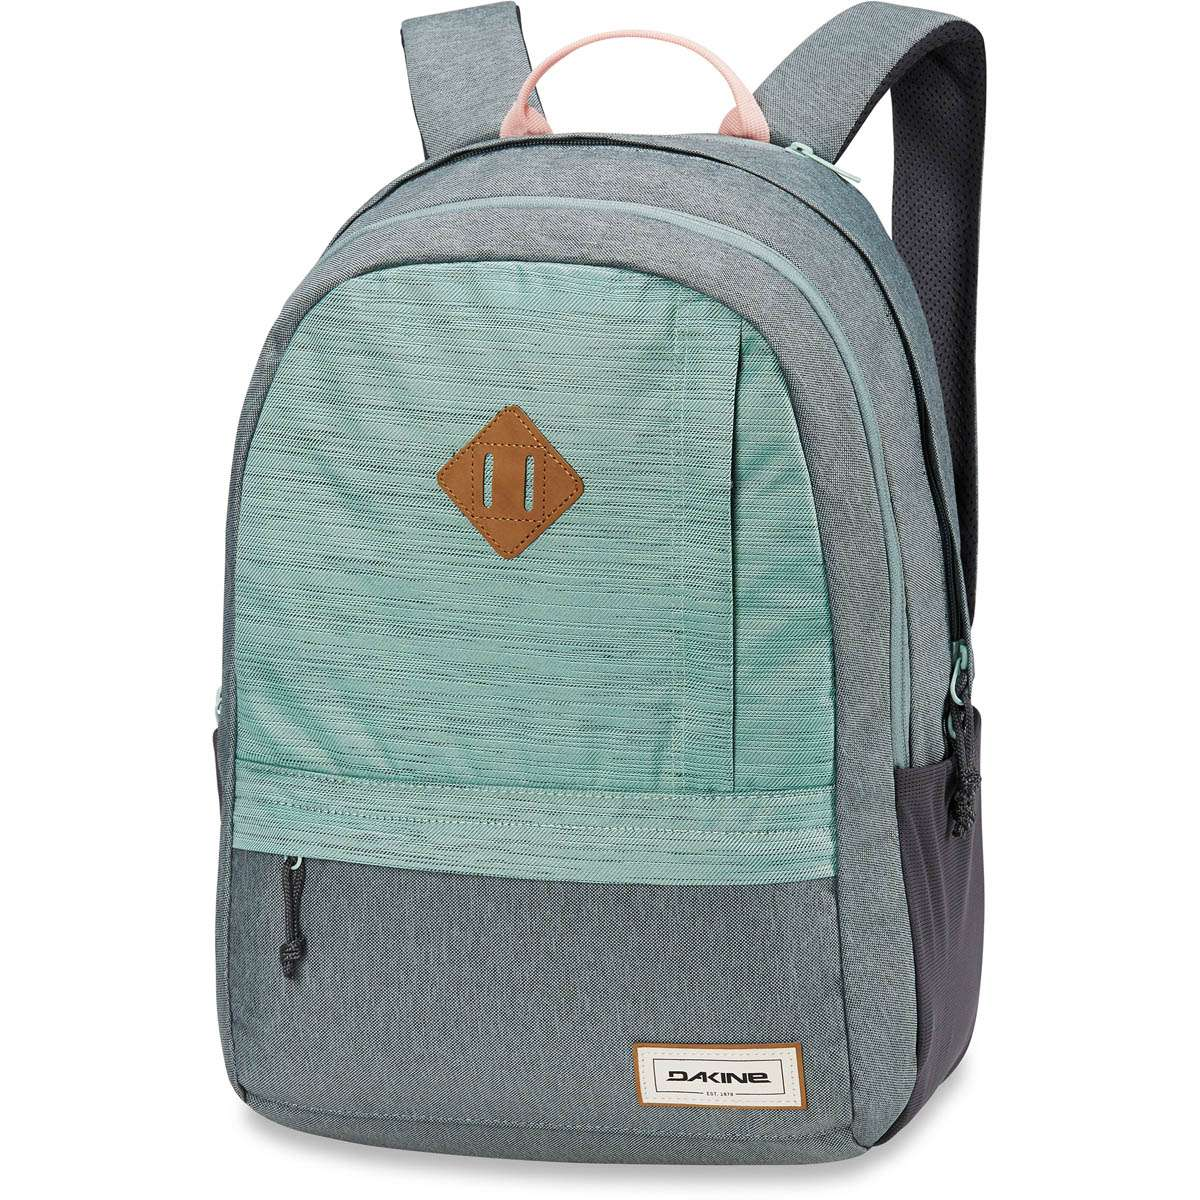 Dakine Byron 22L Backpack Brighton  14ff6706255